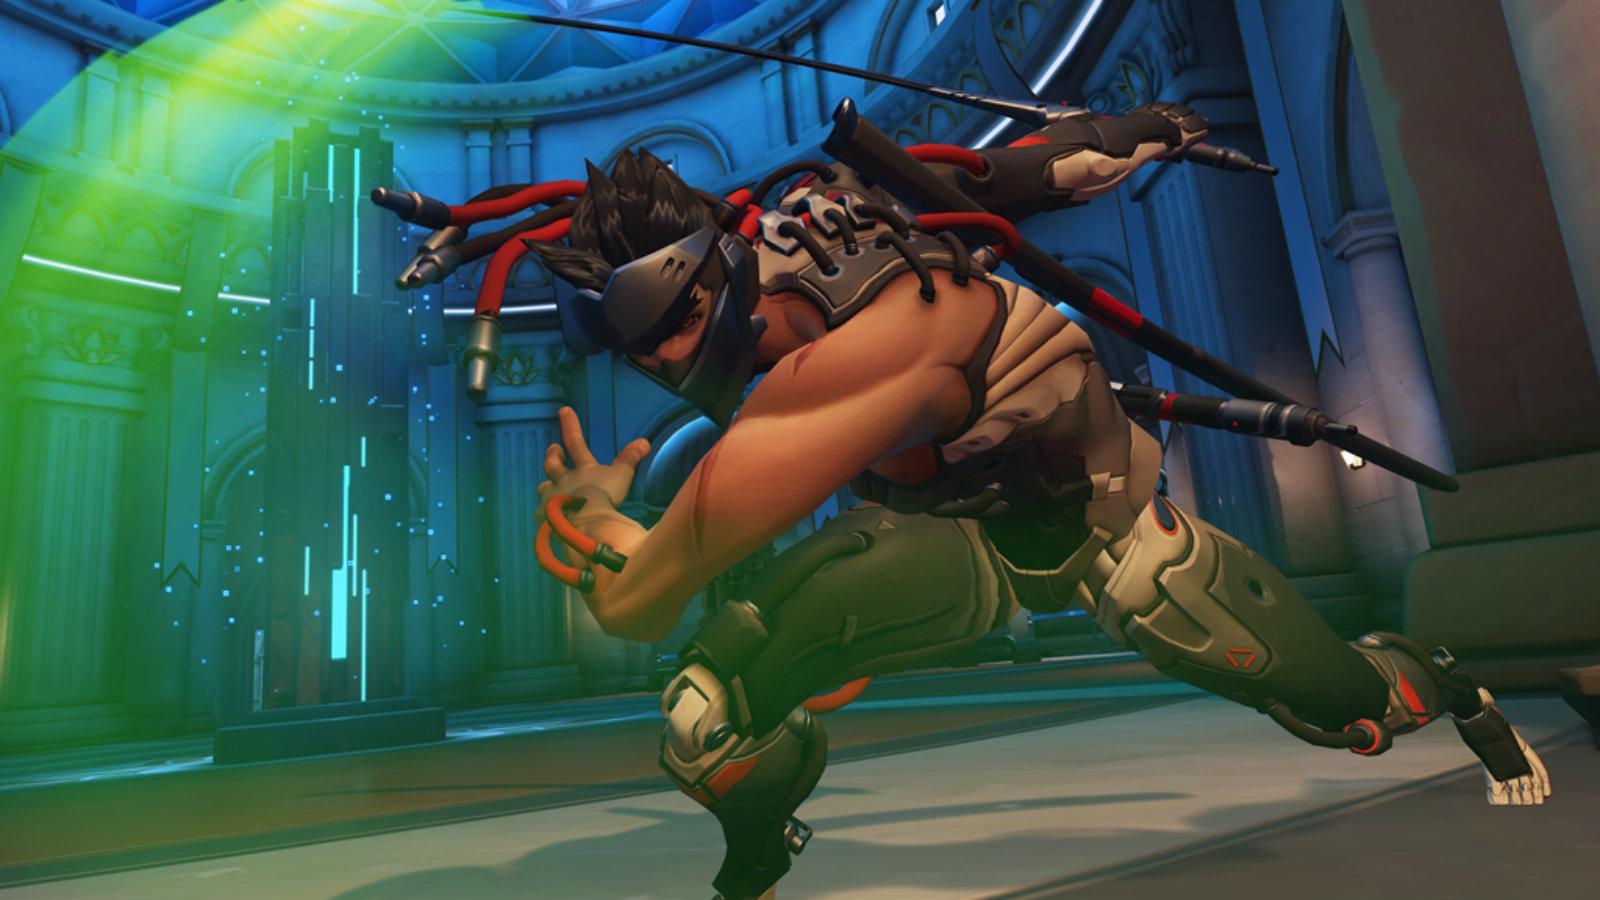 Genji dashes into enemy